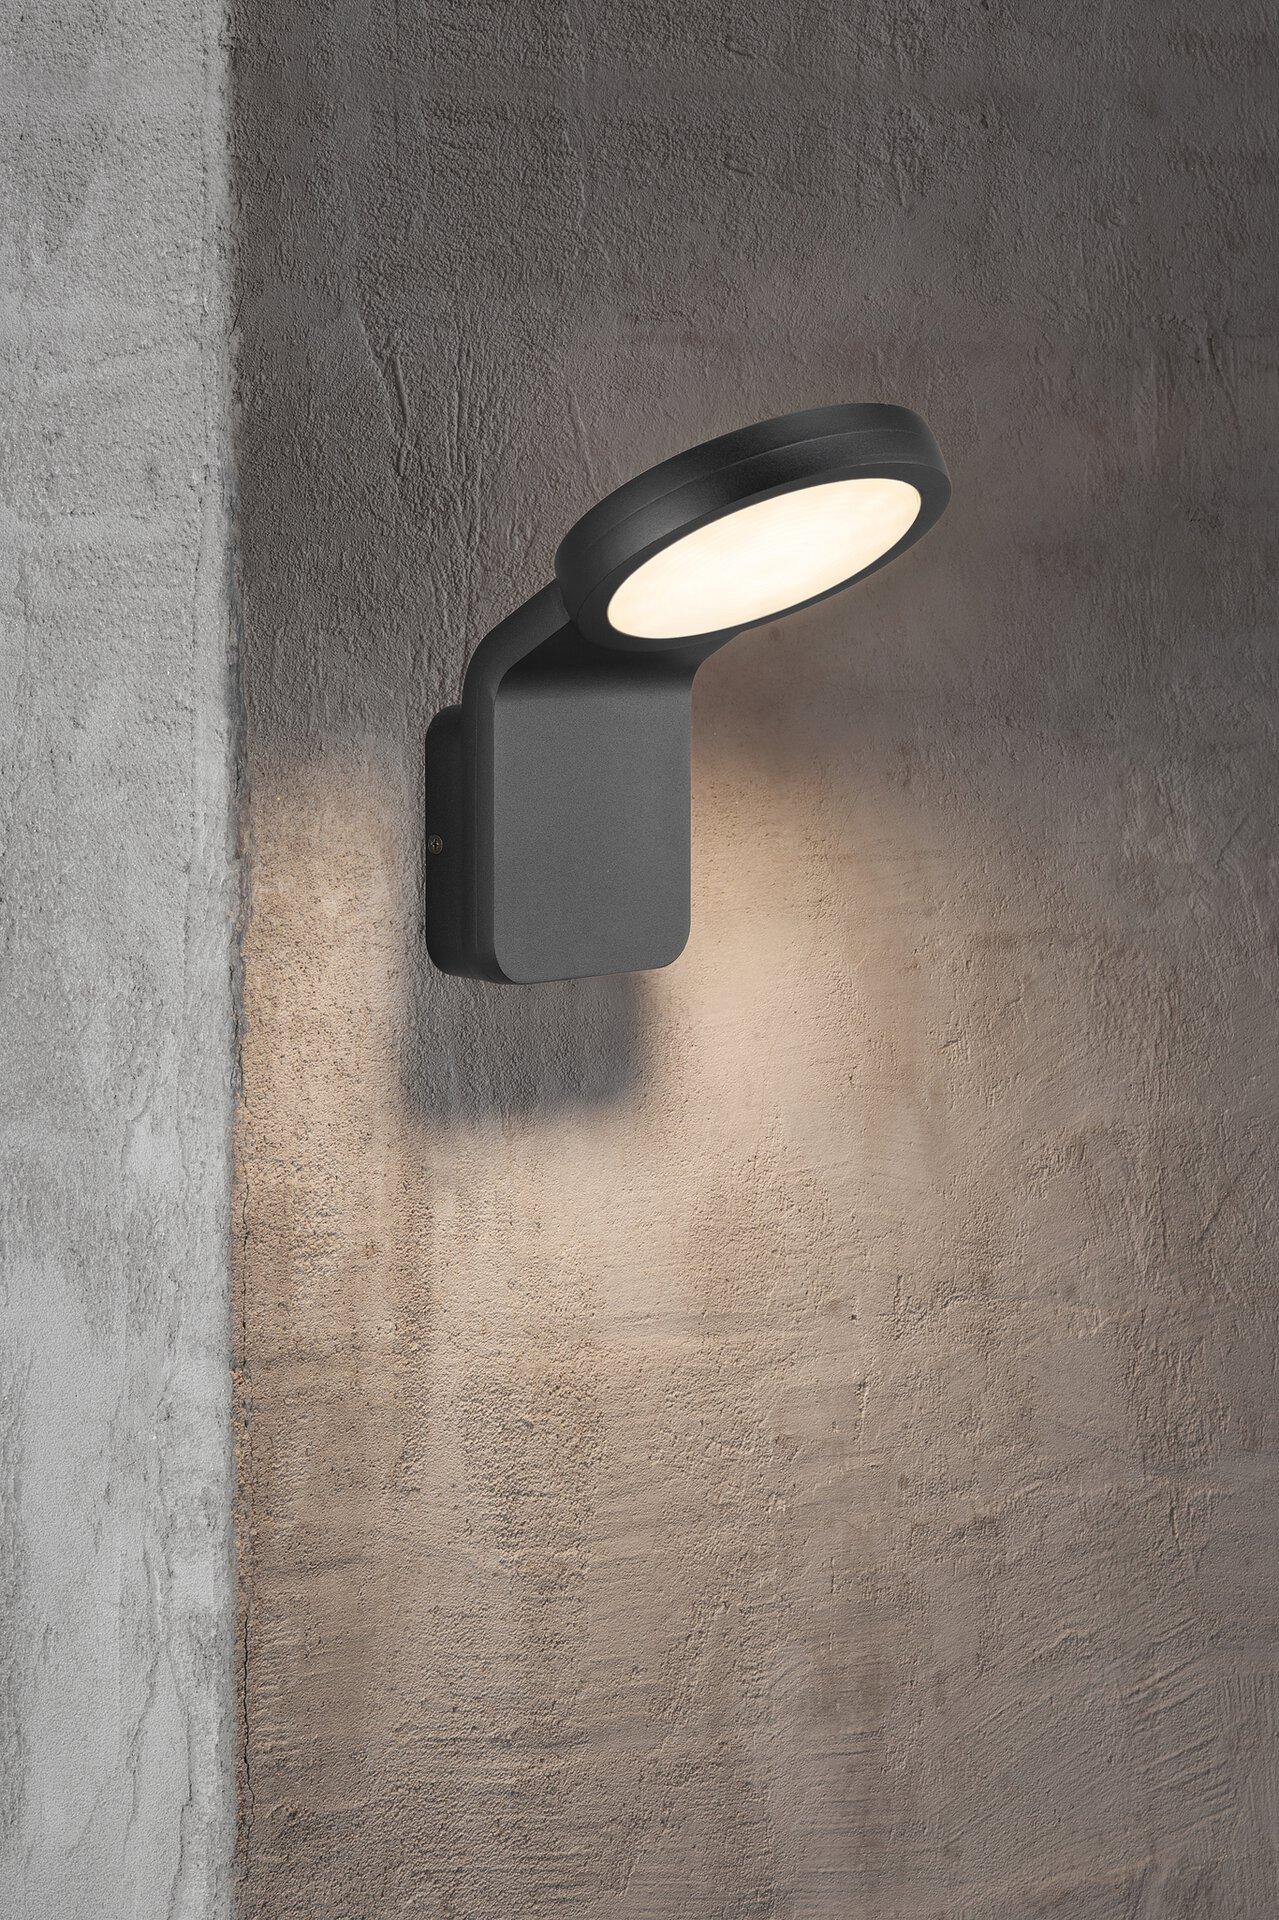 Wand-Aussenleuchte MARINA FLATLINE Nordlux Metall schwarz 18 x 20 x 14 cm